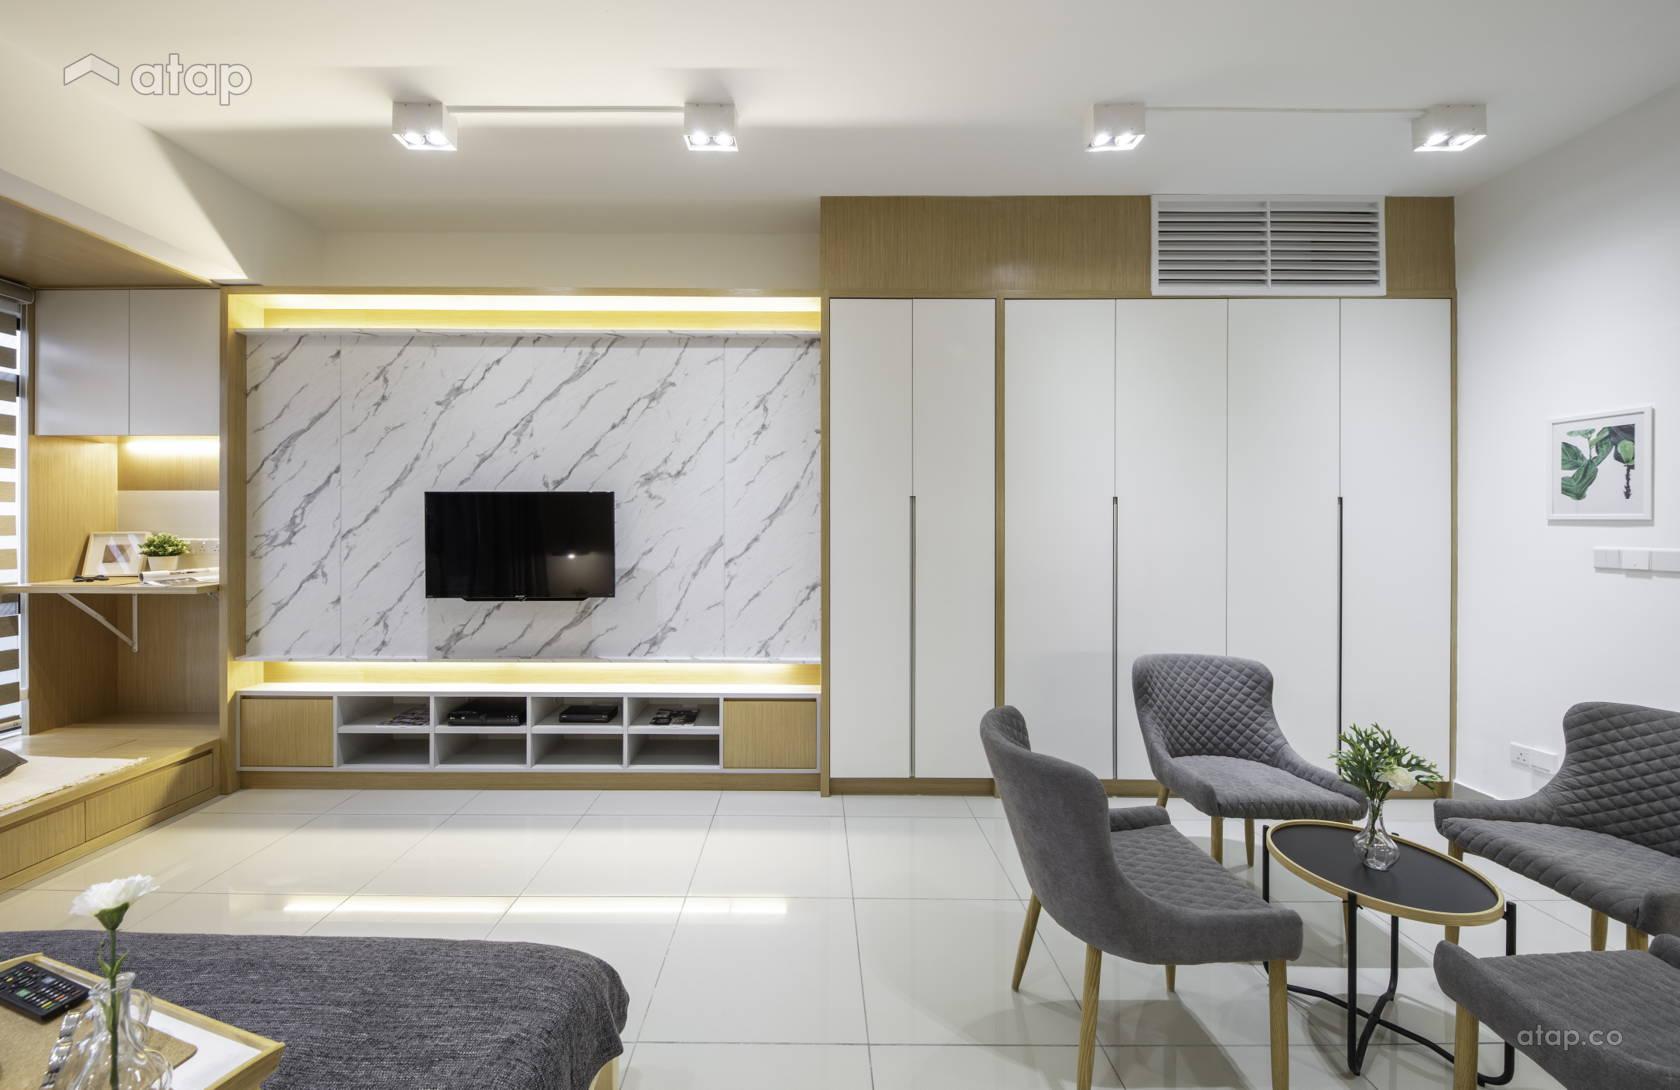 Asian Contemporary Bedroom apartment design ideas & photos Malaysia ...